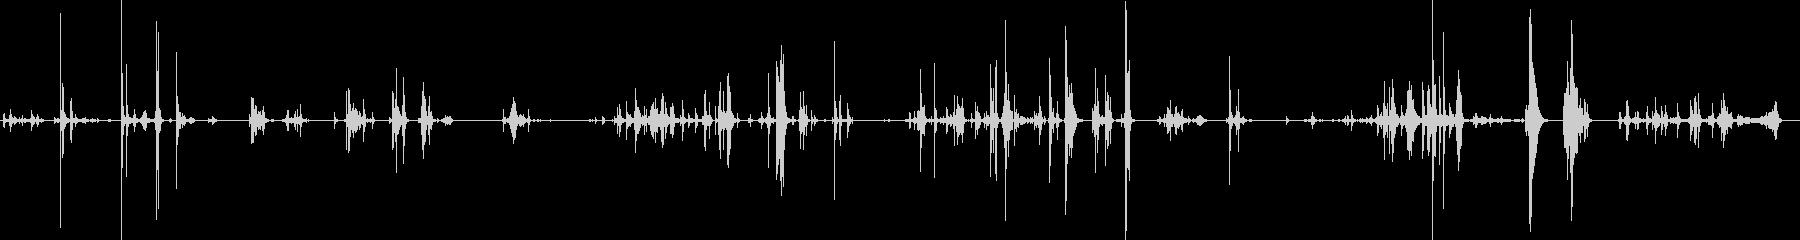 ツールボックス内のアイテムを介したRUの未再生の波形